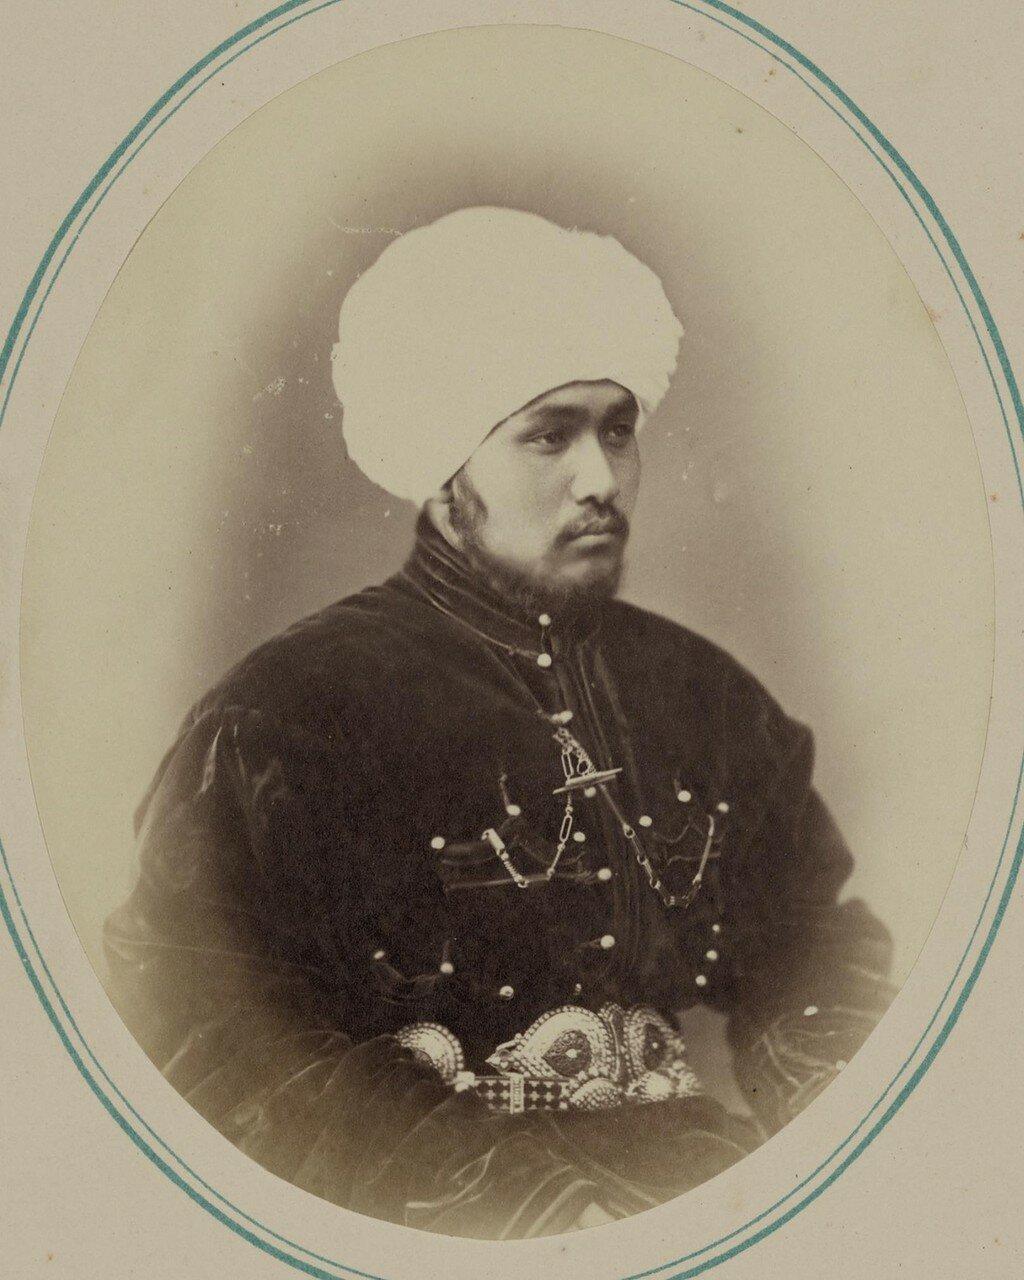 Кокандский хан и его сыновья. Сеид Мухамед Насреддин бек (старший сын кокандского хана)